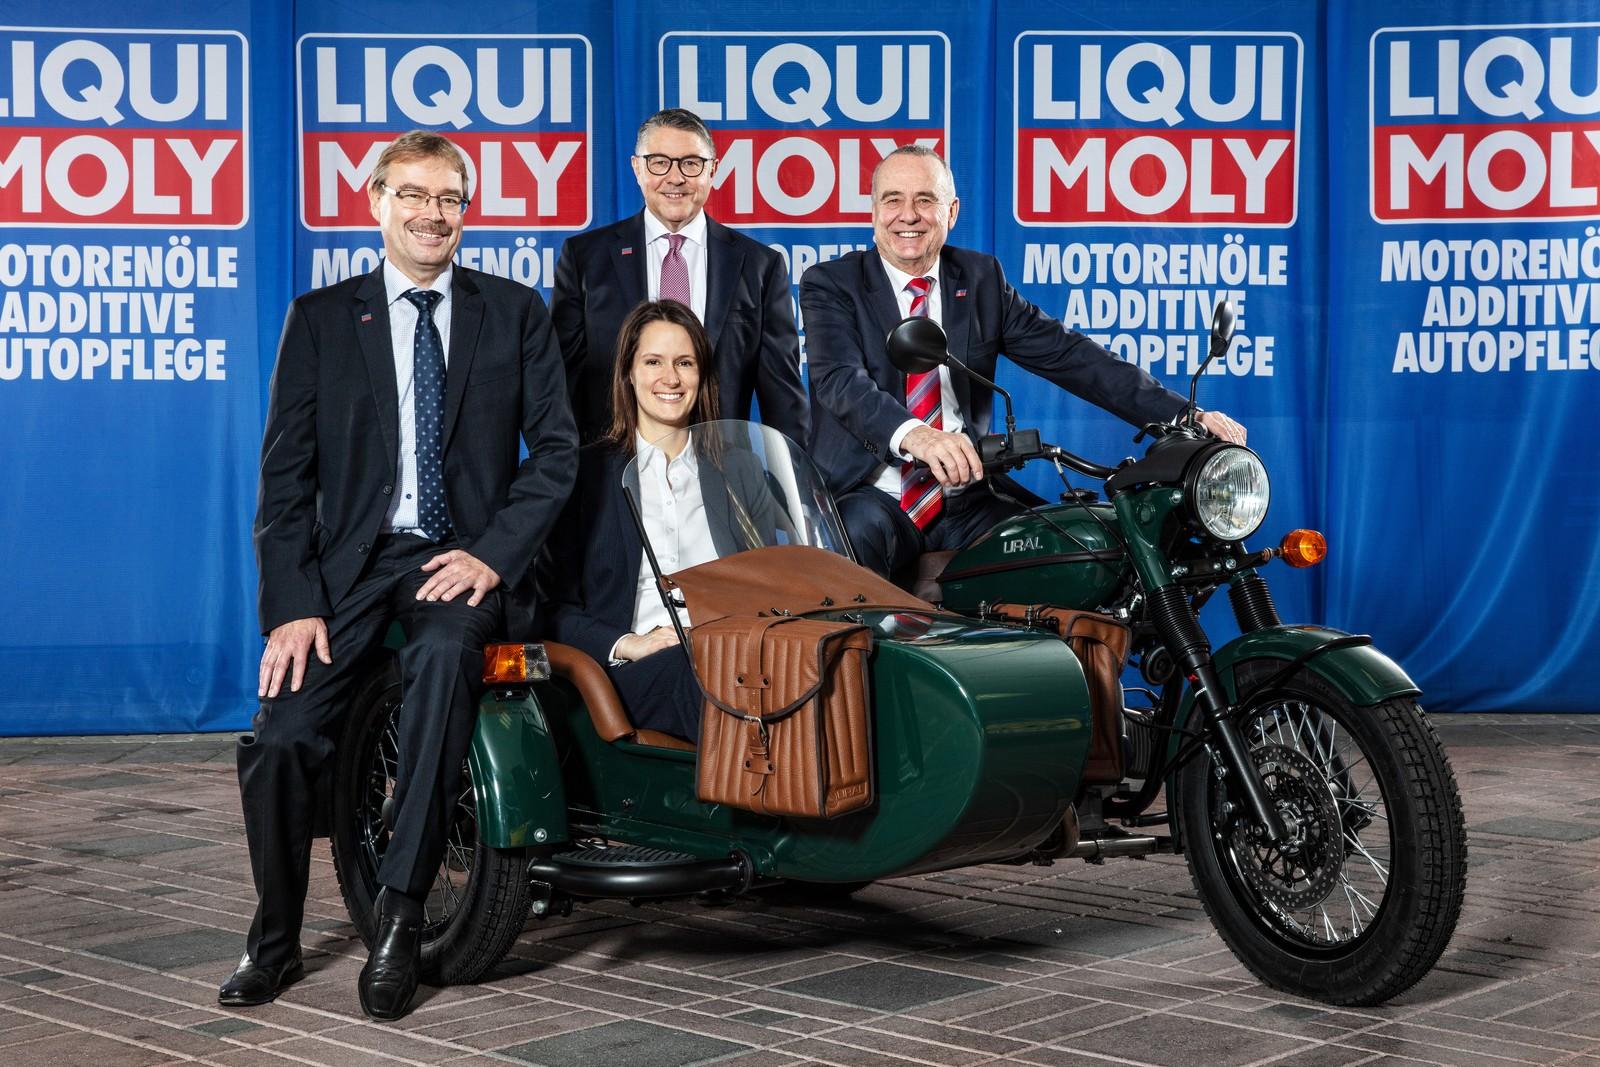 Liqui Moly Eilt Weiter Von Umsatzrekord Zu Umsatzrekord Trotz Software Und Lieferschwierigkeiten Setzte Der öl Und Additivhersteller 2019 Fast 570 Millionen Euro Um